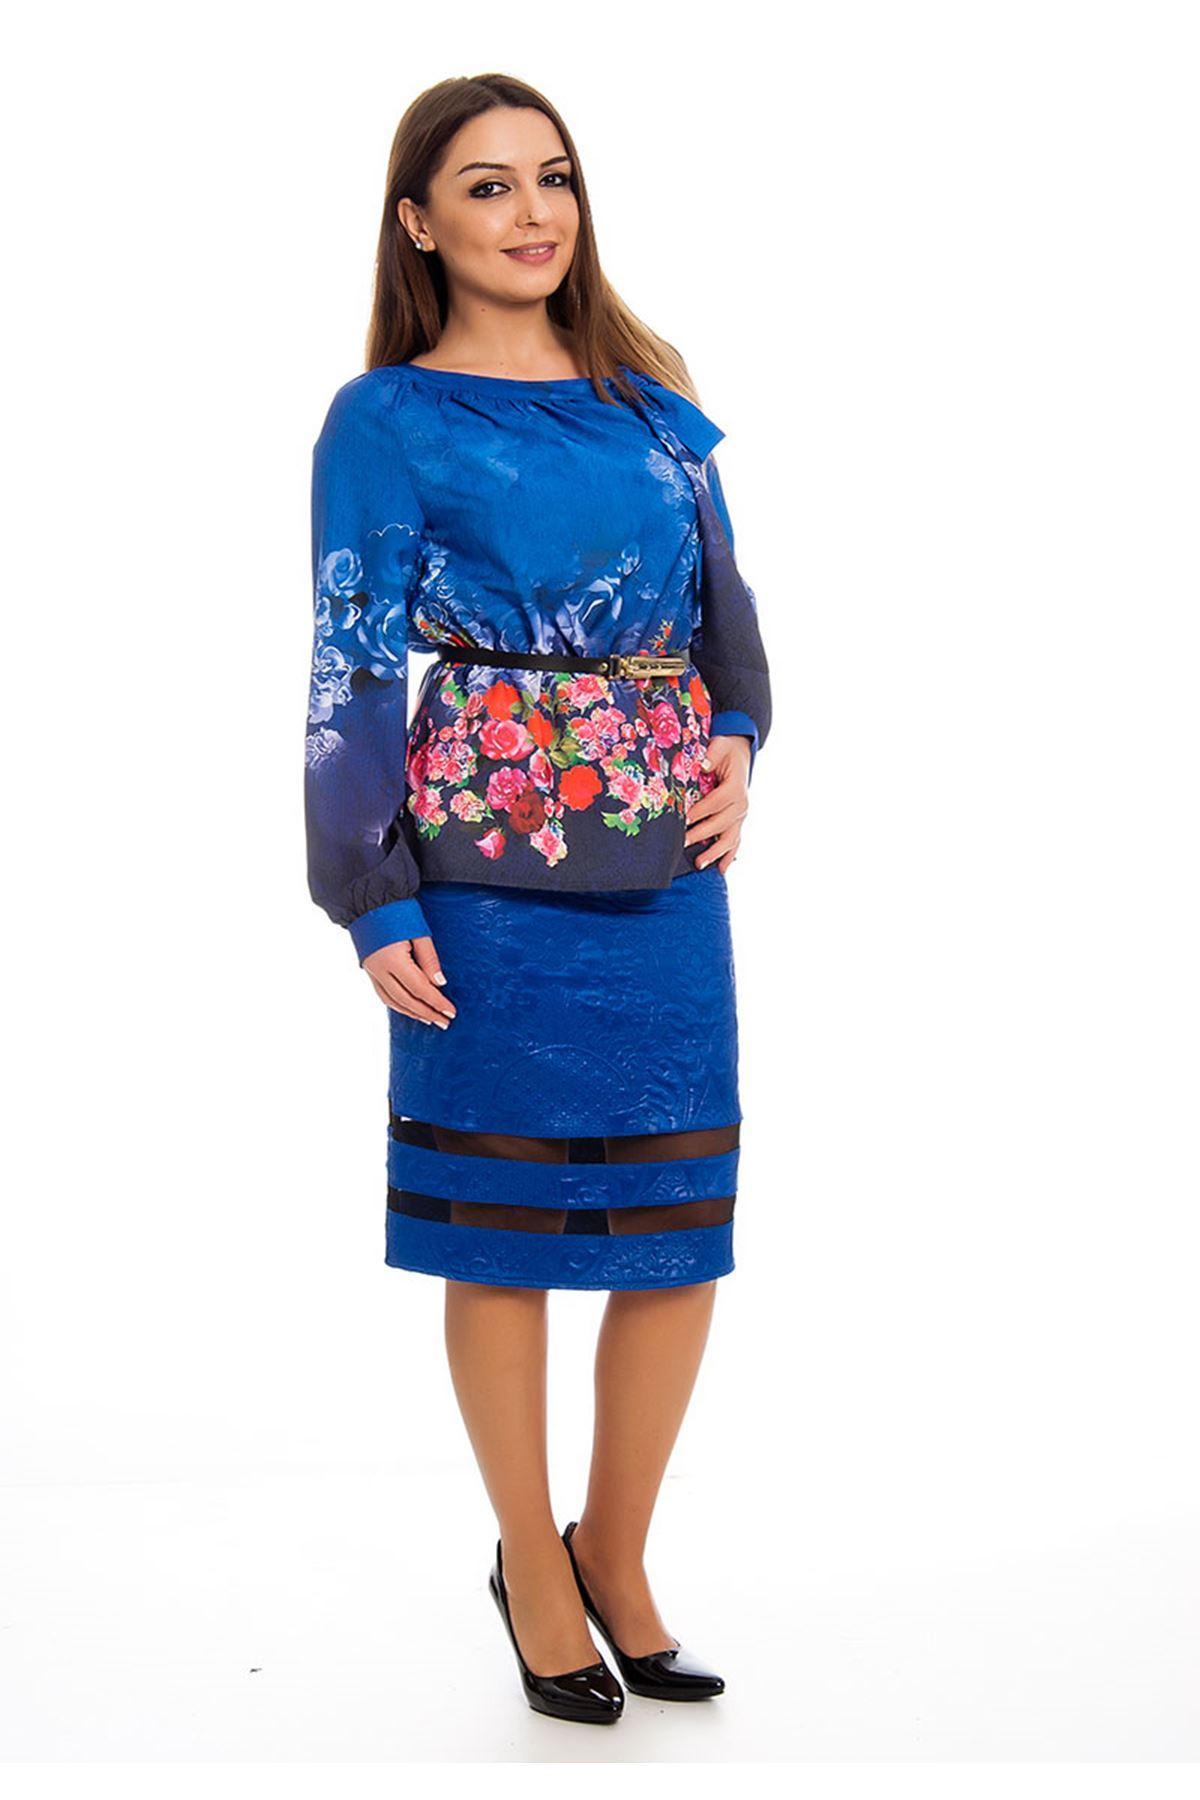 Etek Bluz İki Parça Kadın Elbise H9-124413